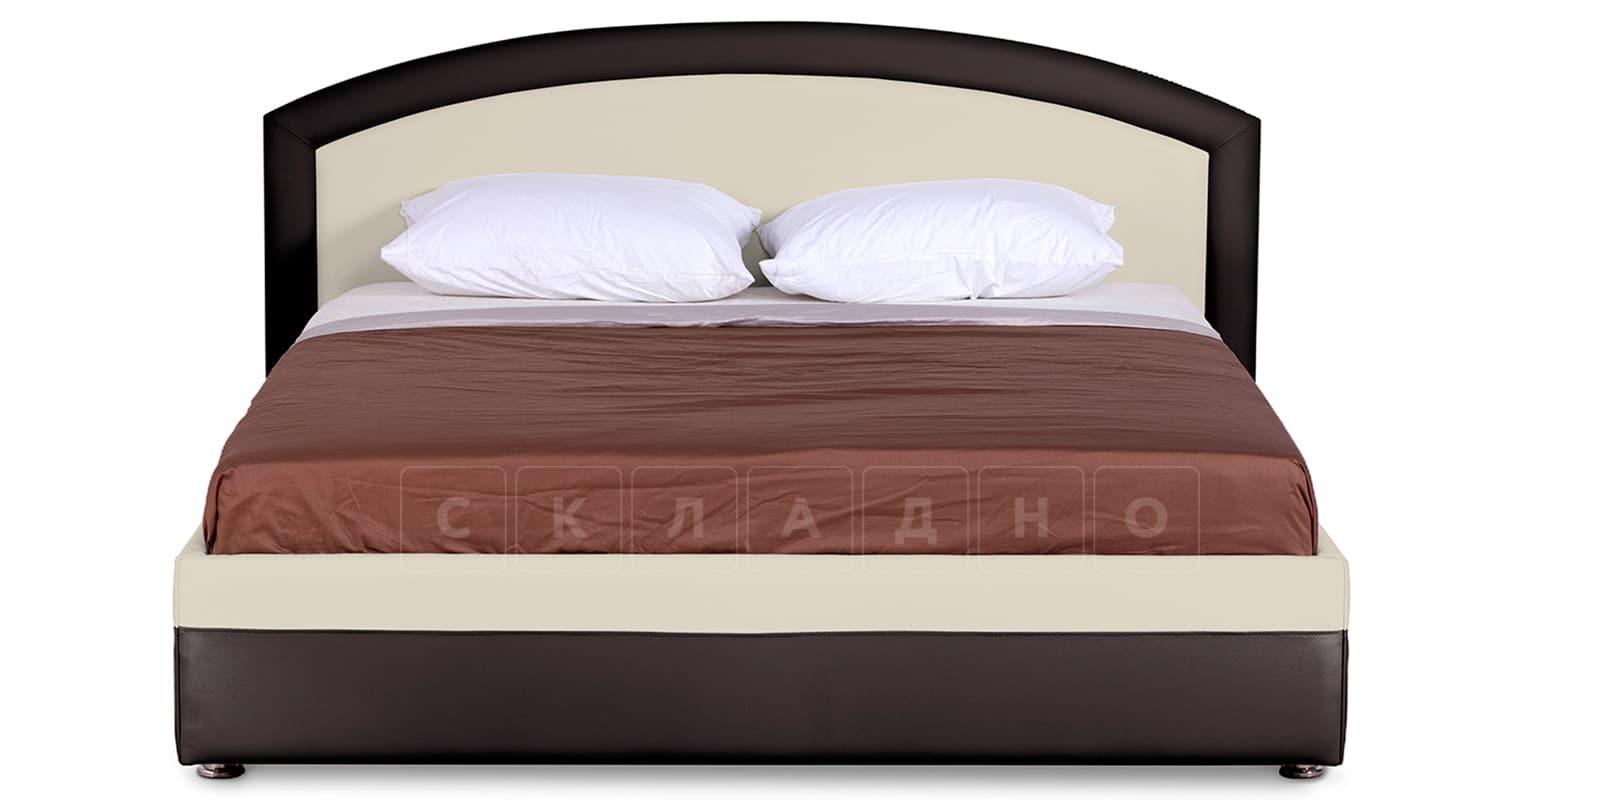 Мягкая кровать Малибу 160см экокожа бежевый-шоколад вариант 8-2 фото 3   интернет-магазин Складно